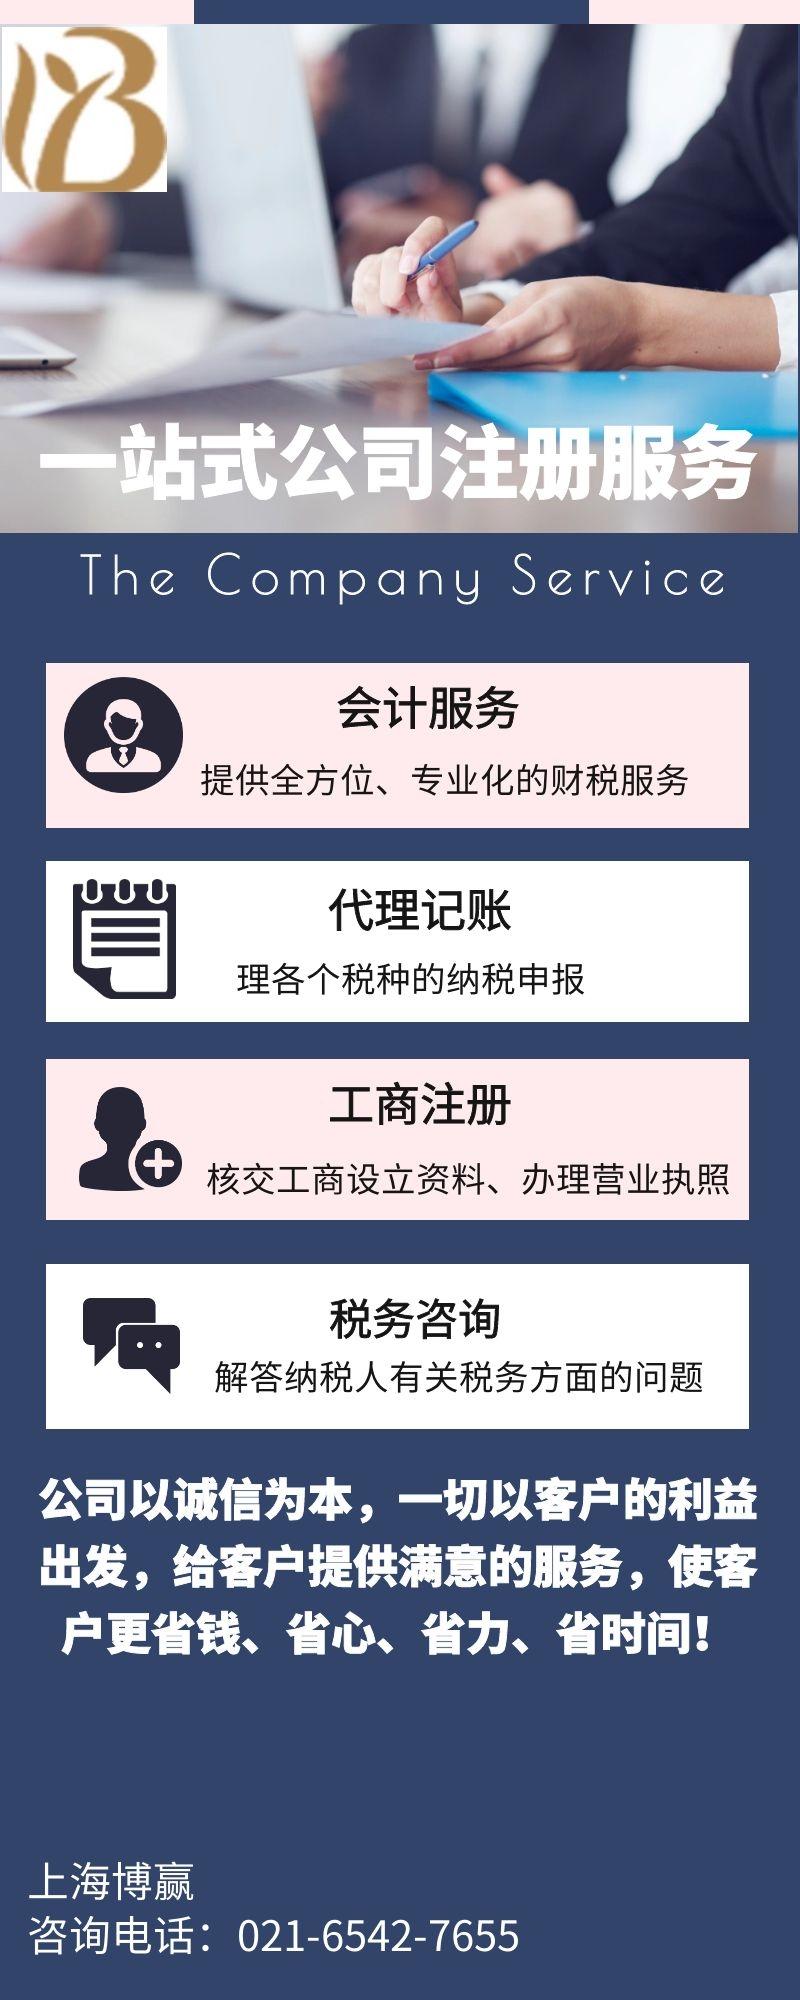 注册商标服务_广州商标注册申请服务-上海博赢企业管理合伙企业(有限合伙)